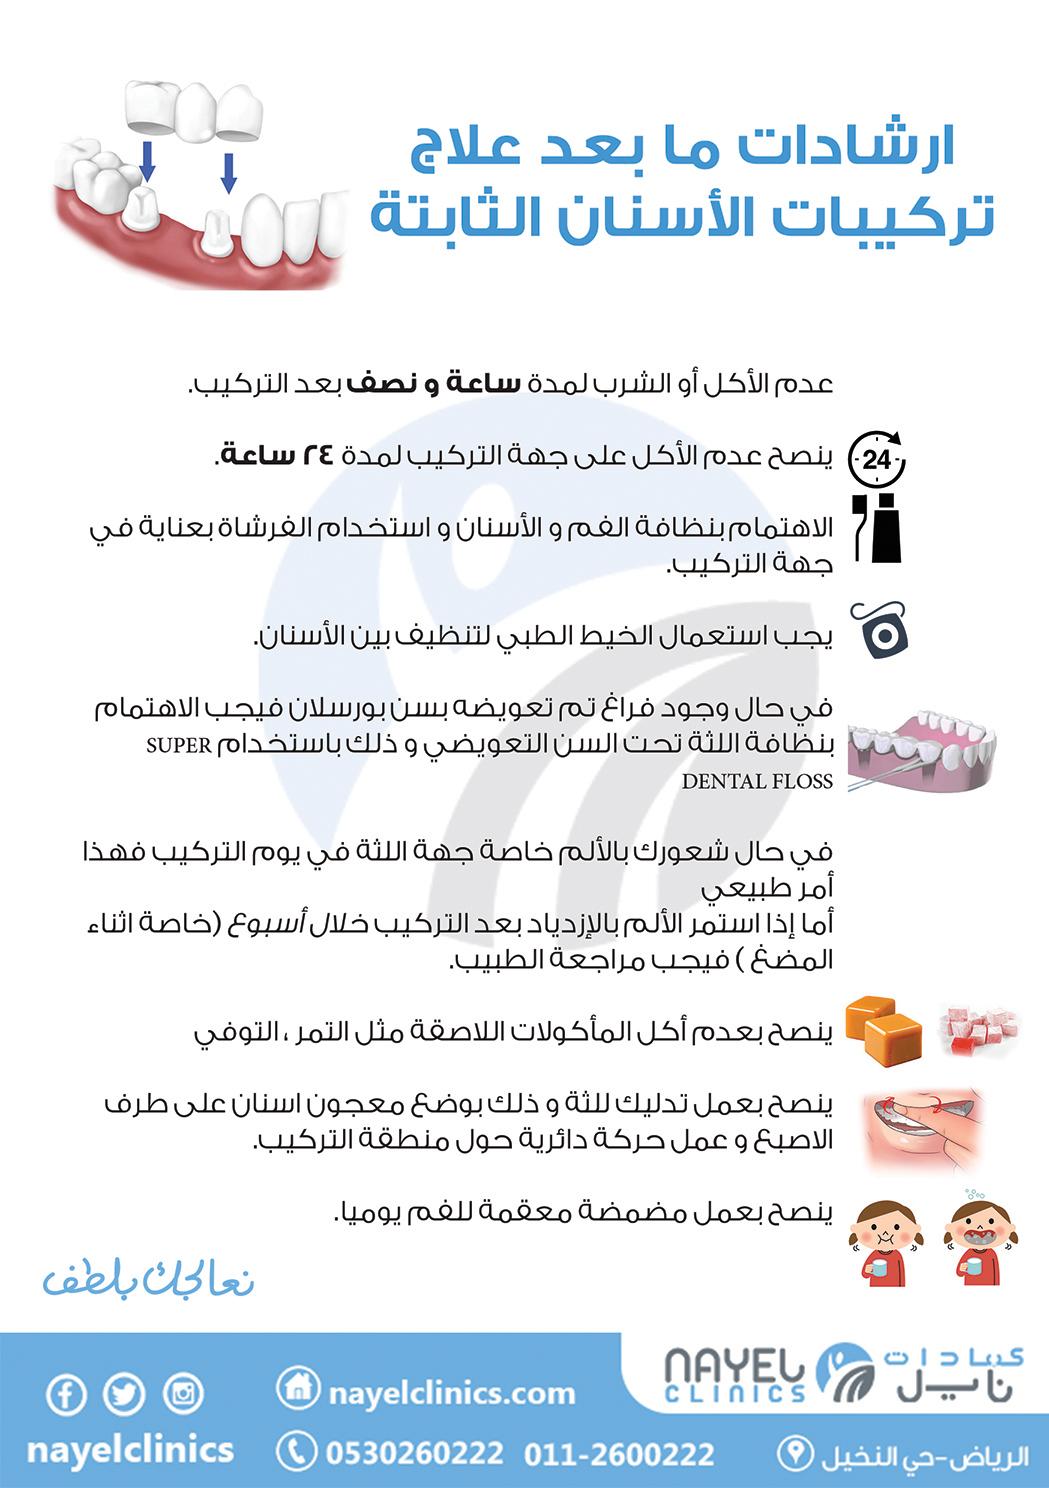 تعليمات بعد خلع الاسنان